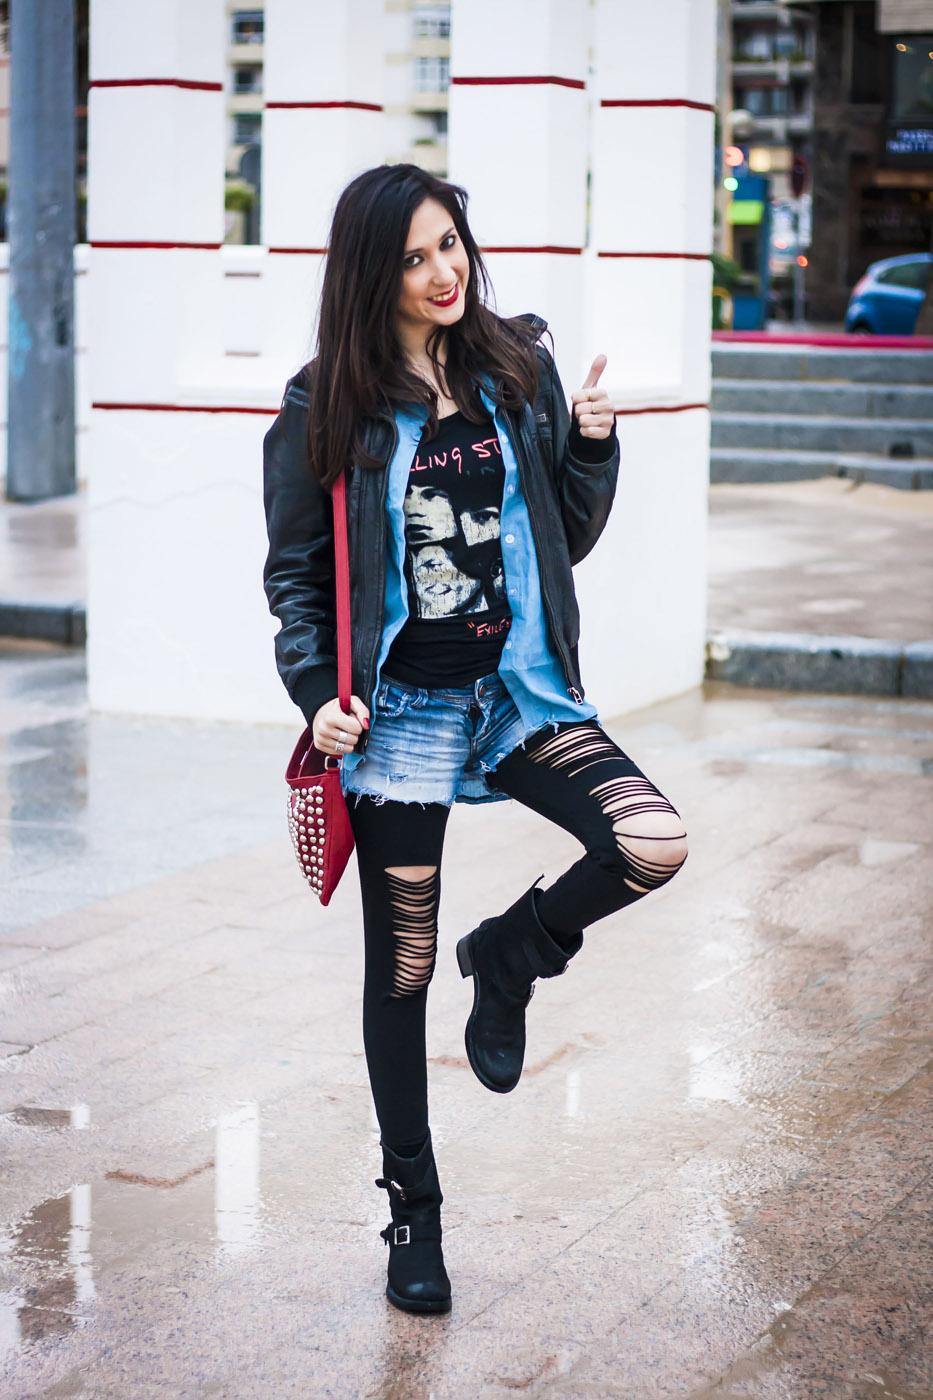 Gemeinsame Indie Rock Style Girl &DH55 | Startupjobsfa &HV_73